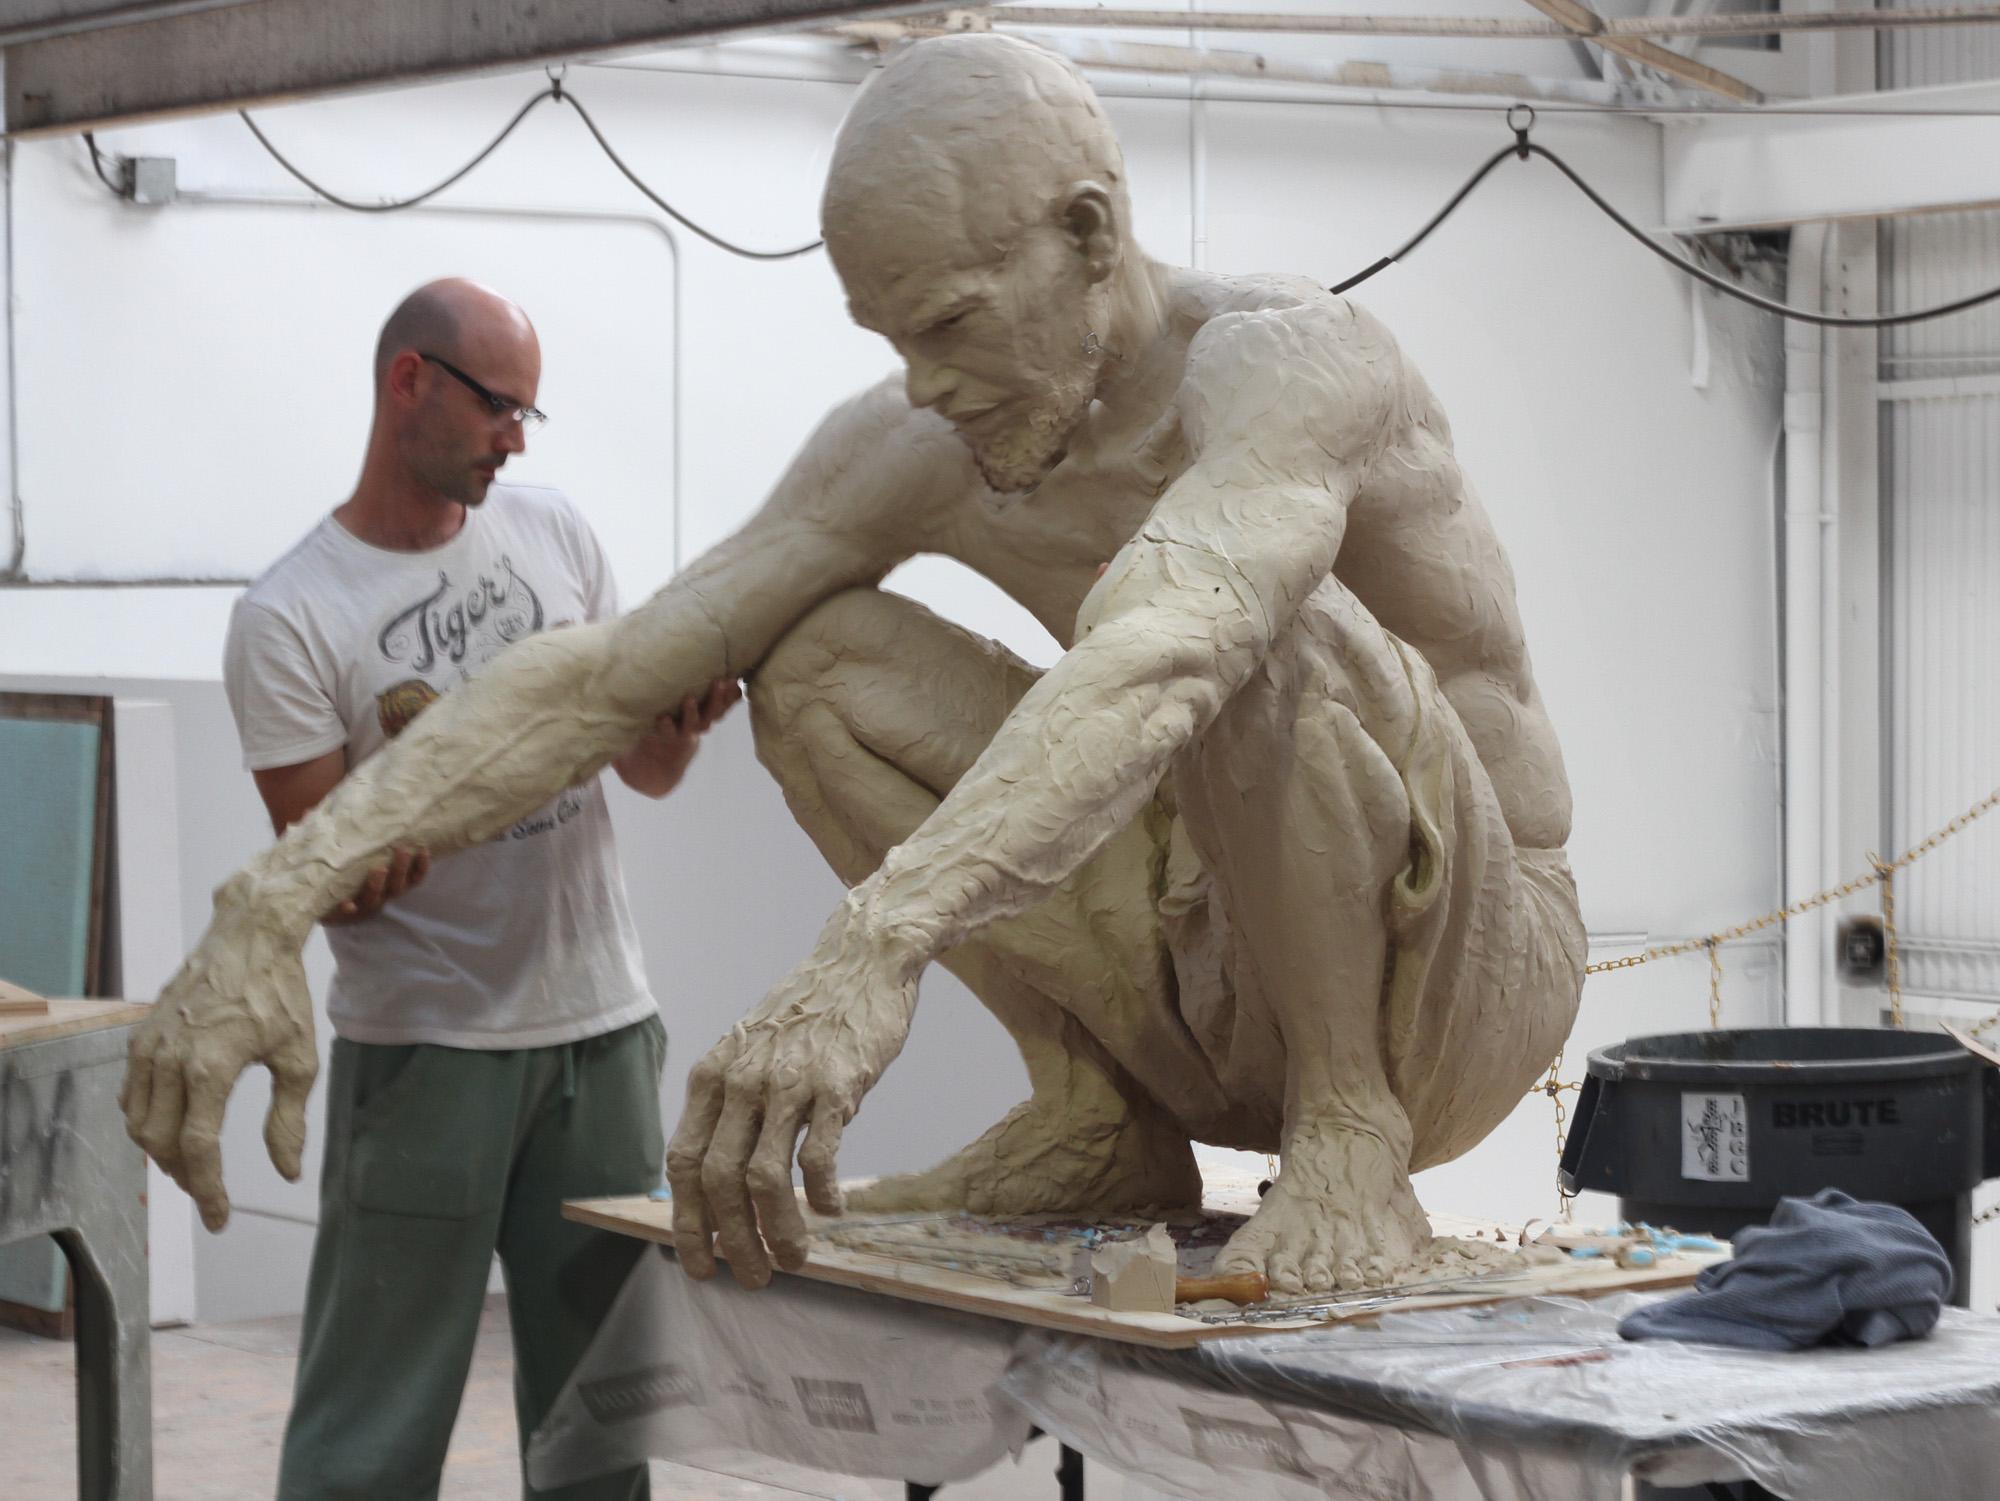 A man making a sculpture of another man